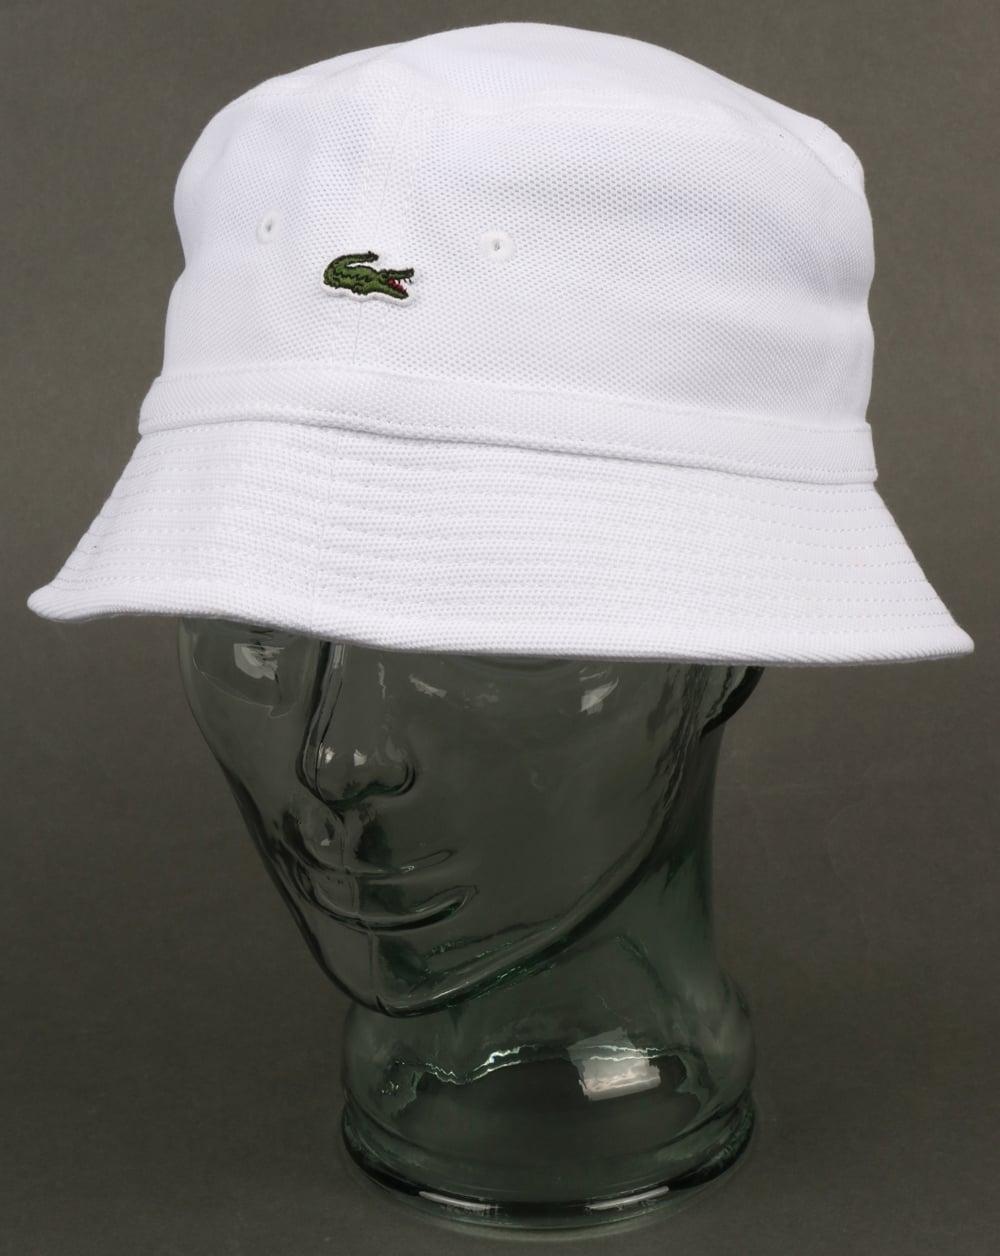 b5e5c2a5b5b102 Lacoste Bucket Hat White,reni,fisherman,80s,sport,cotton